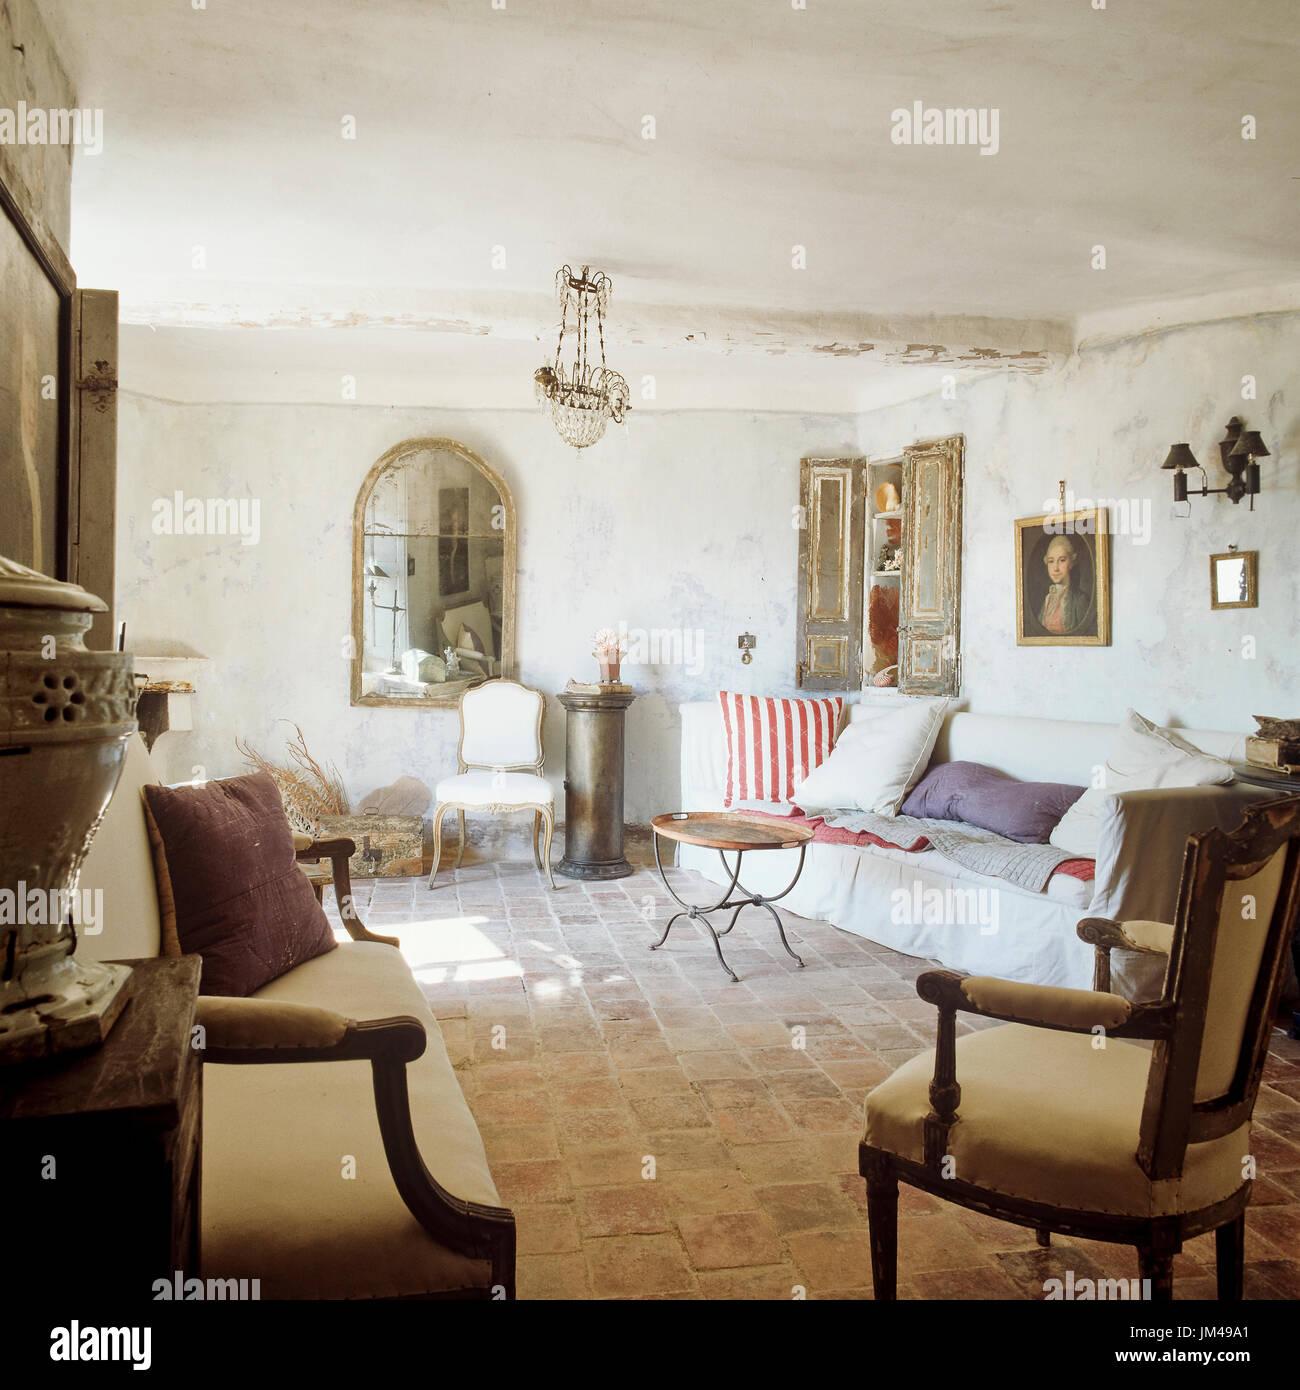 Mediterranen Stil Wohnzimmer mit Vintage-Möbeln Stockfoto, Bild ...